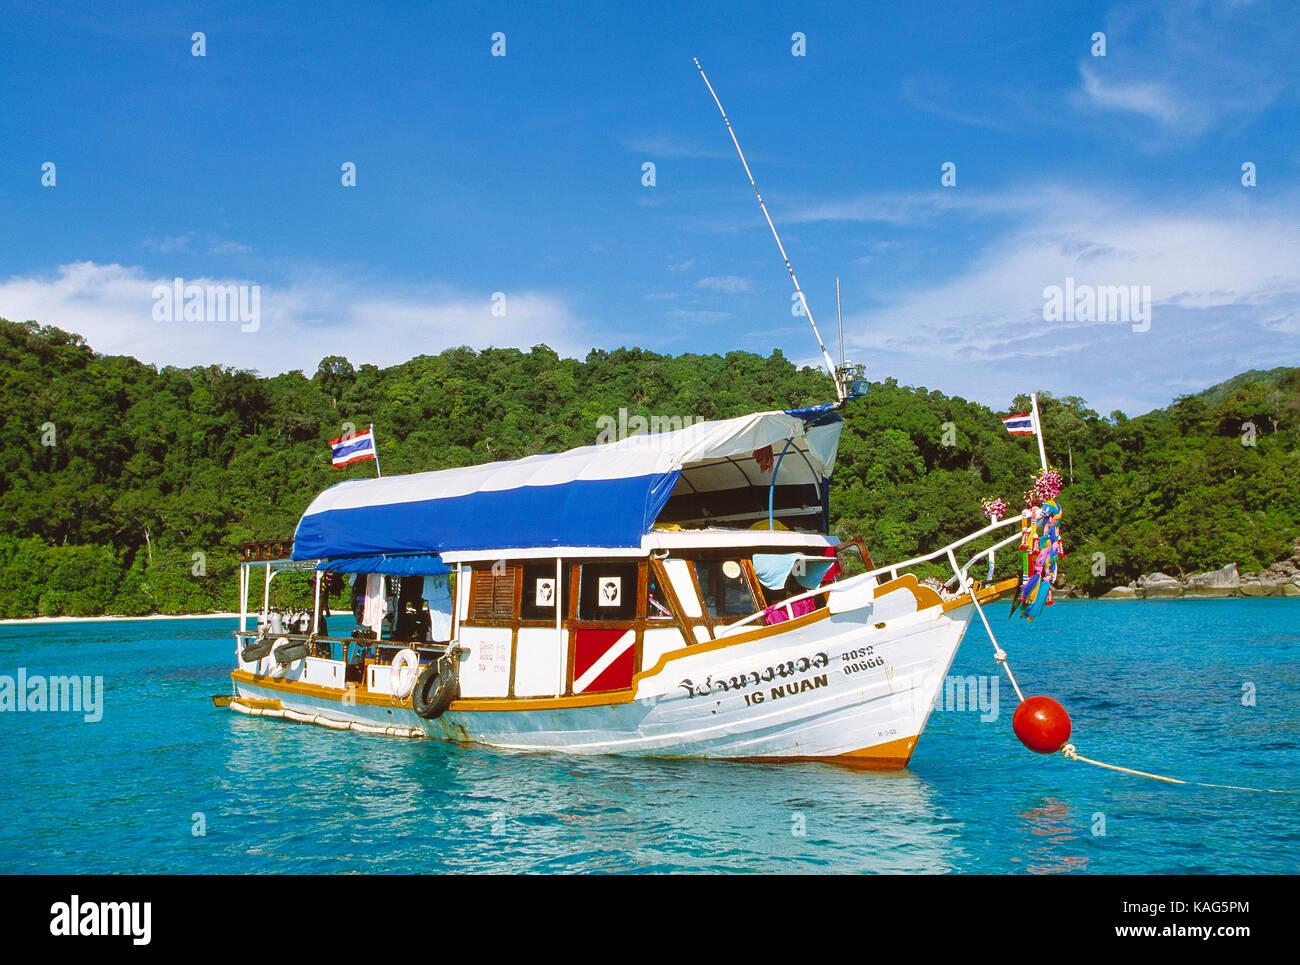 Thailandia. Isole Similan. sport d'acqua. local barca ormeggiata sulla spiaggia. Immagini Stock